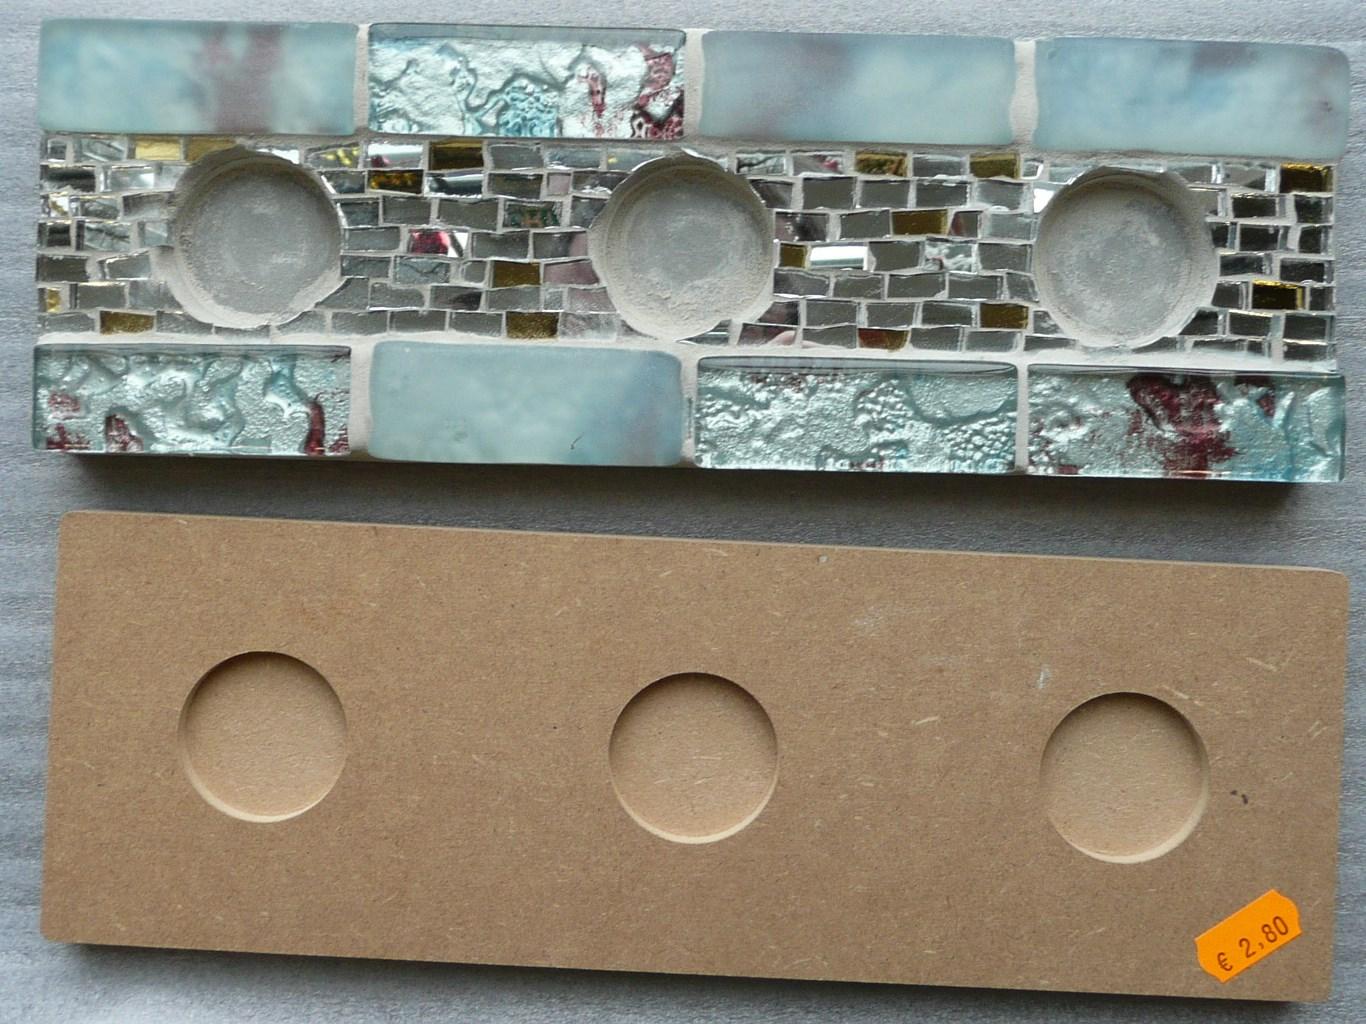 D couvrez les supports loisirs cr atifs et fibre ciment - Boite en bois a decorer pas cher ...